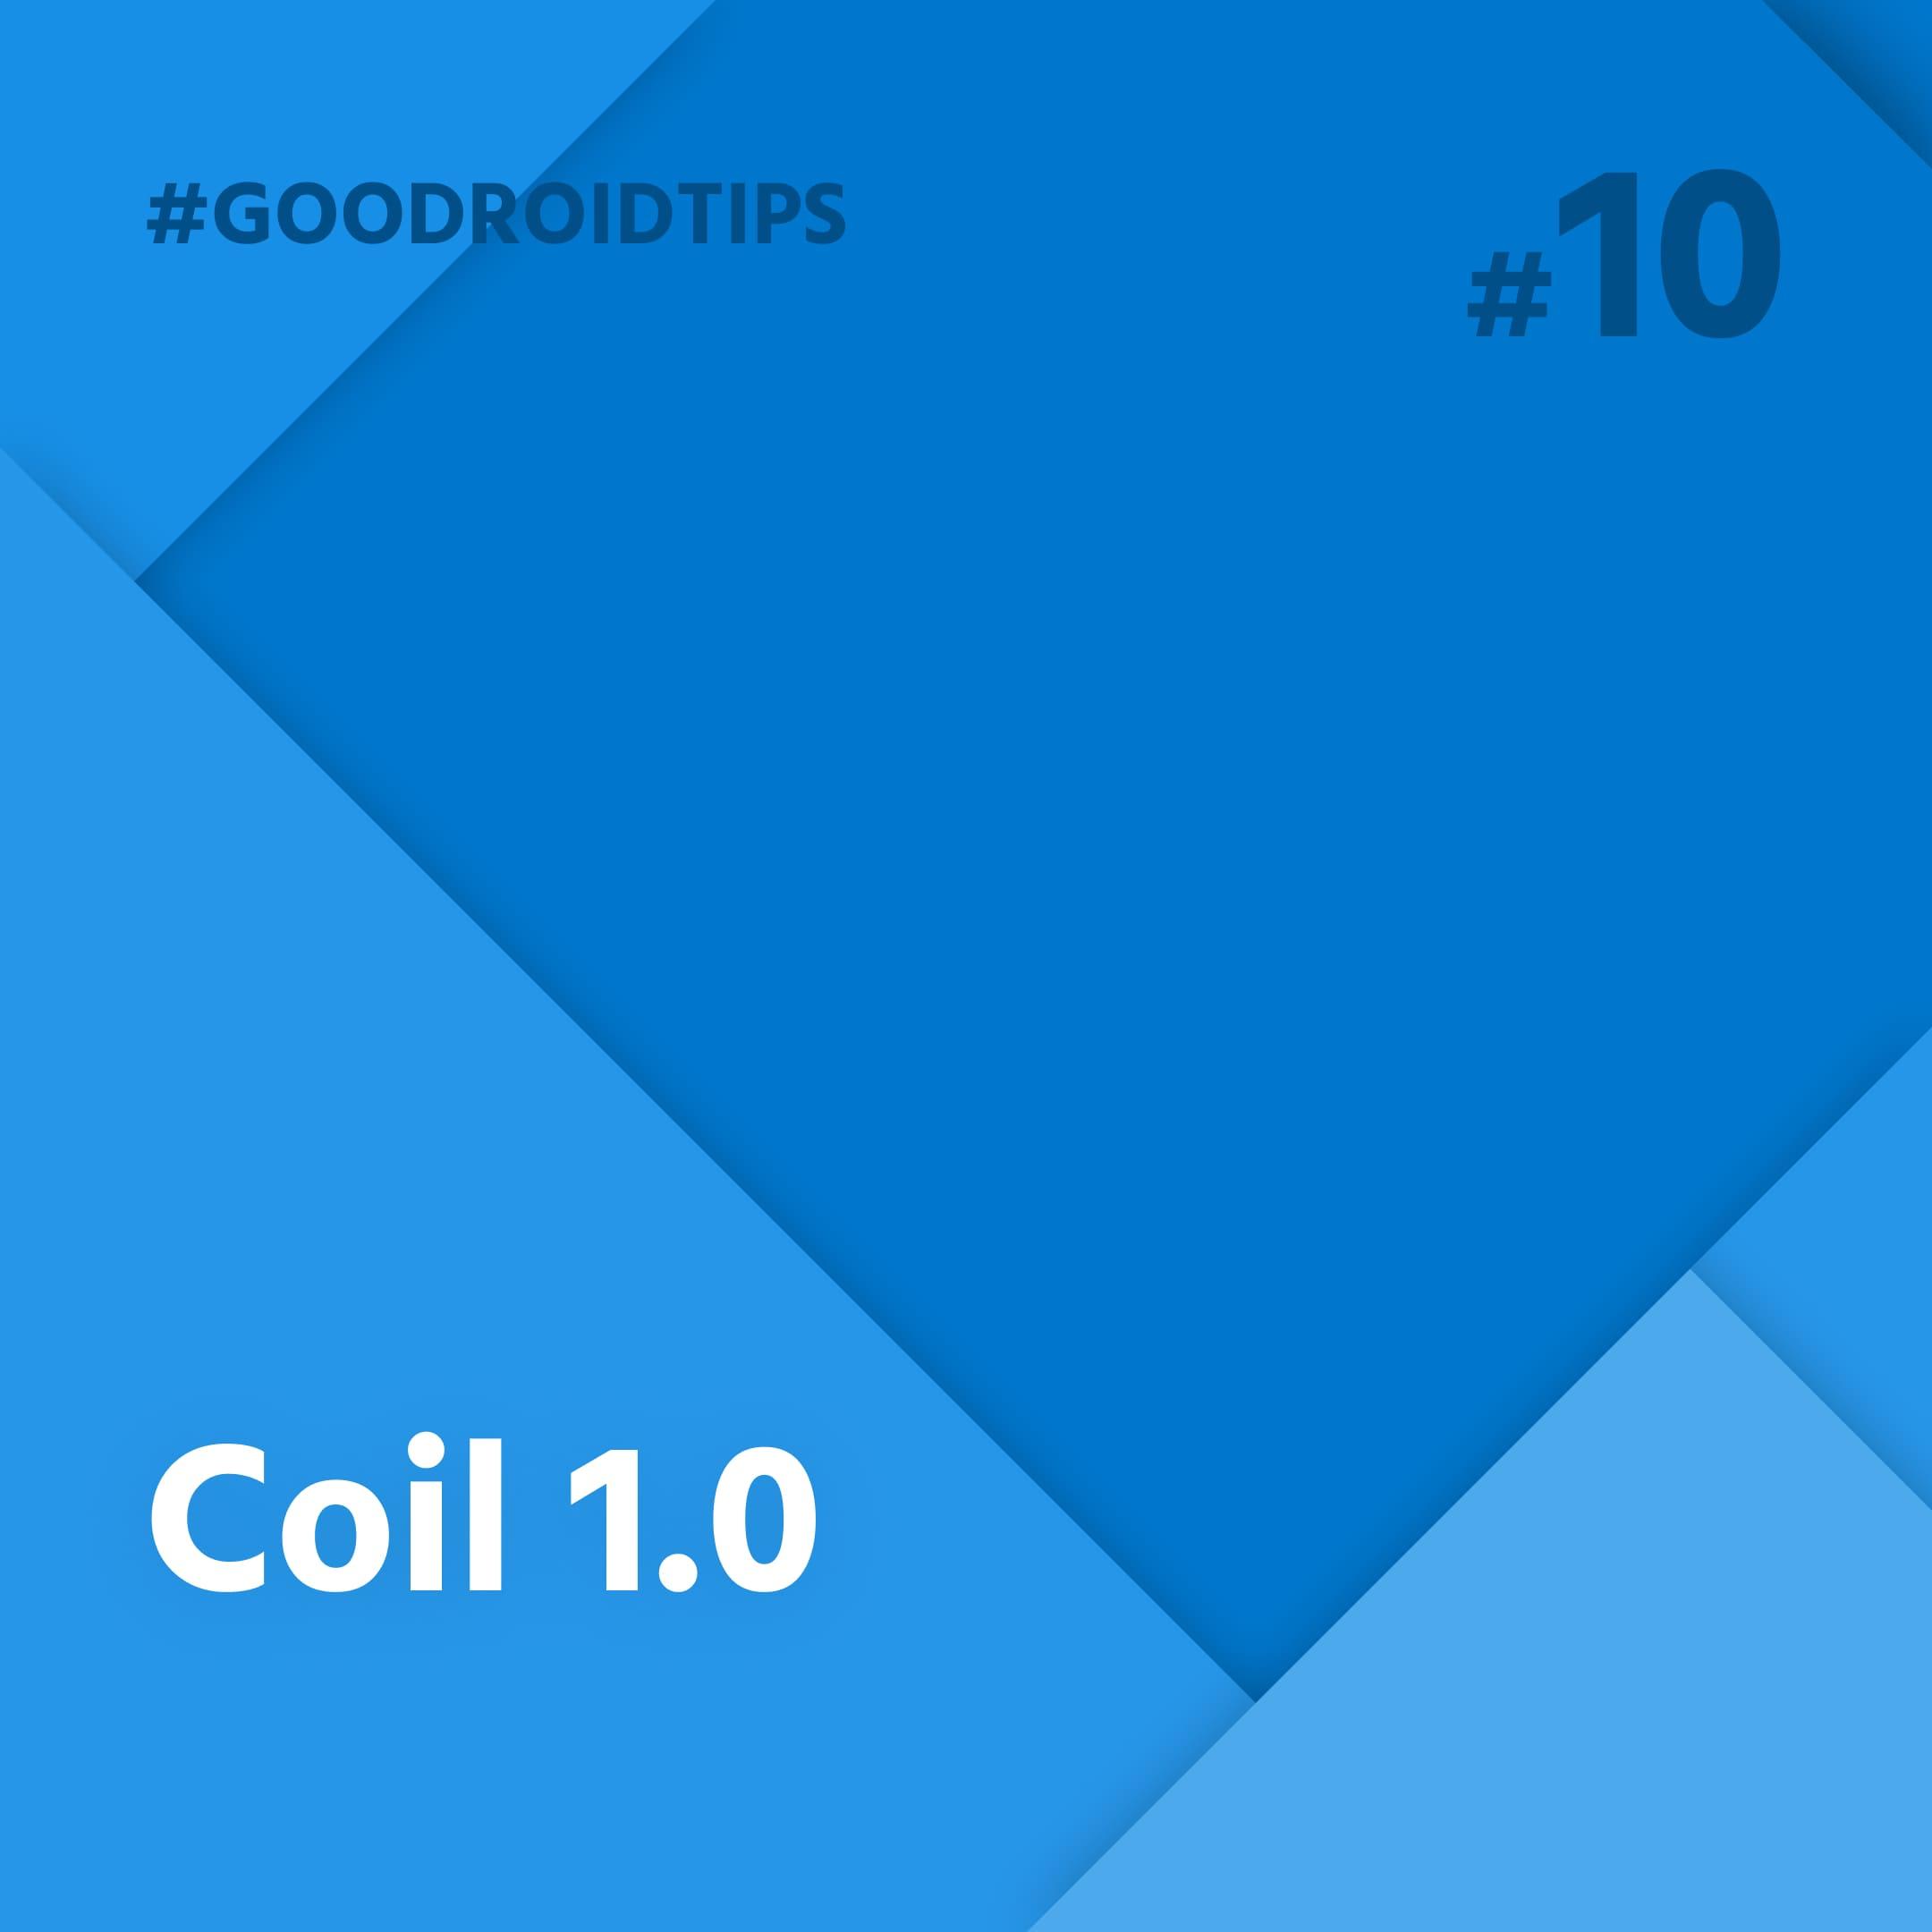 Coil je knižnica uľahčujúca načítavanie obrázkov z internetu